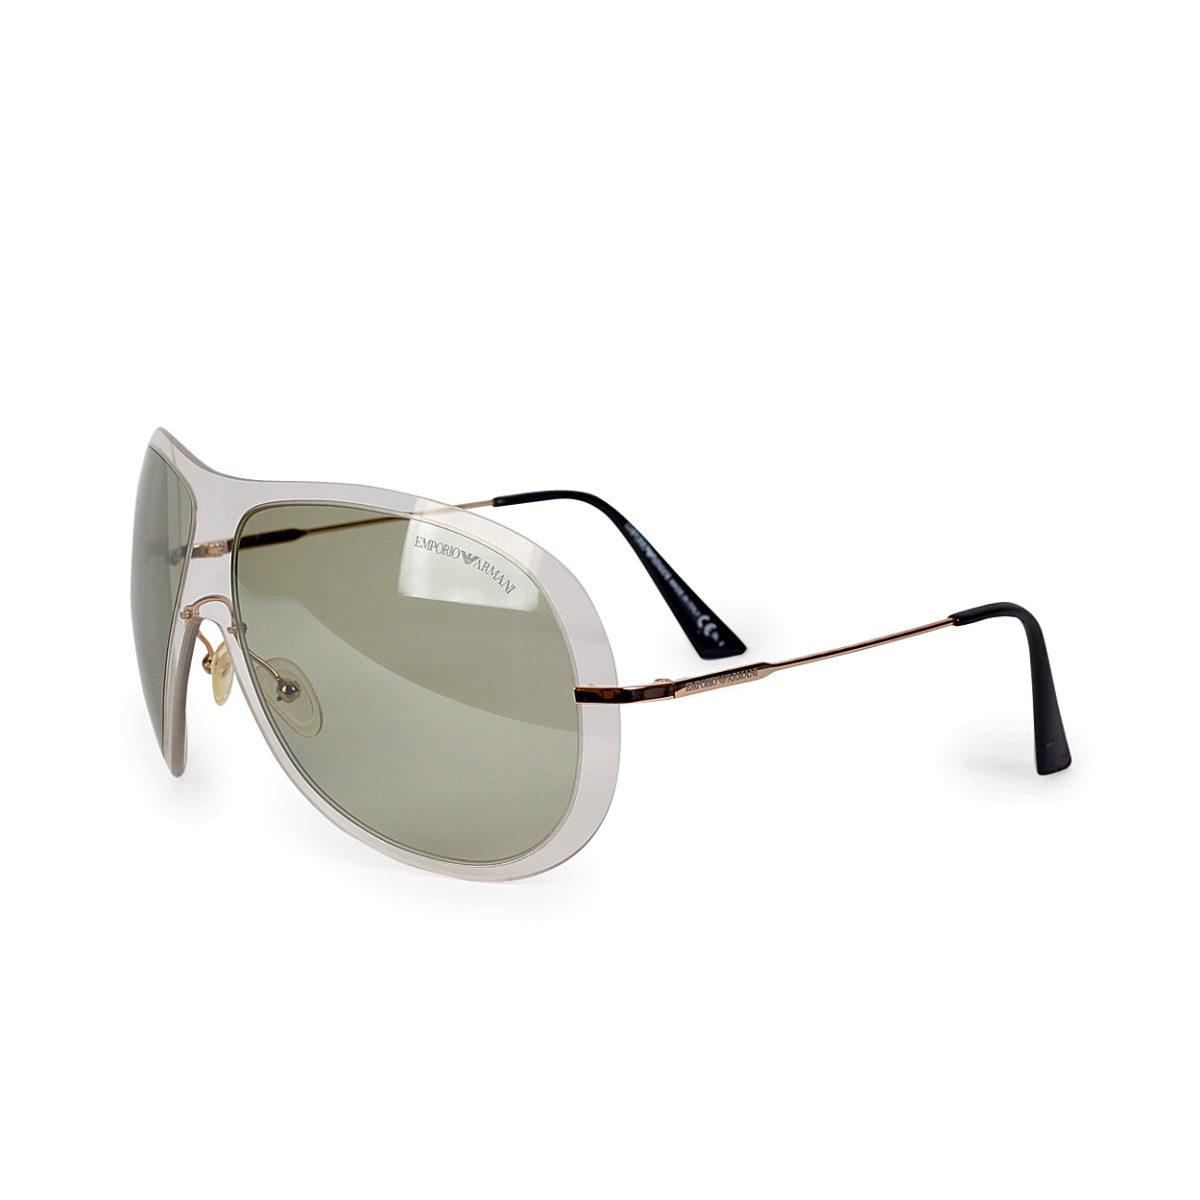 f88b0521a581 EMPORIO ARMANI Aviator Sunglasses 9720 | Luxity